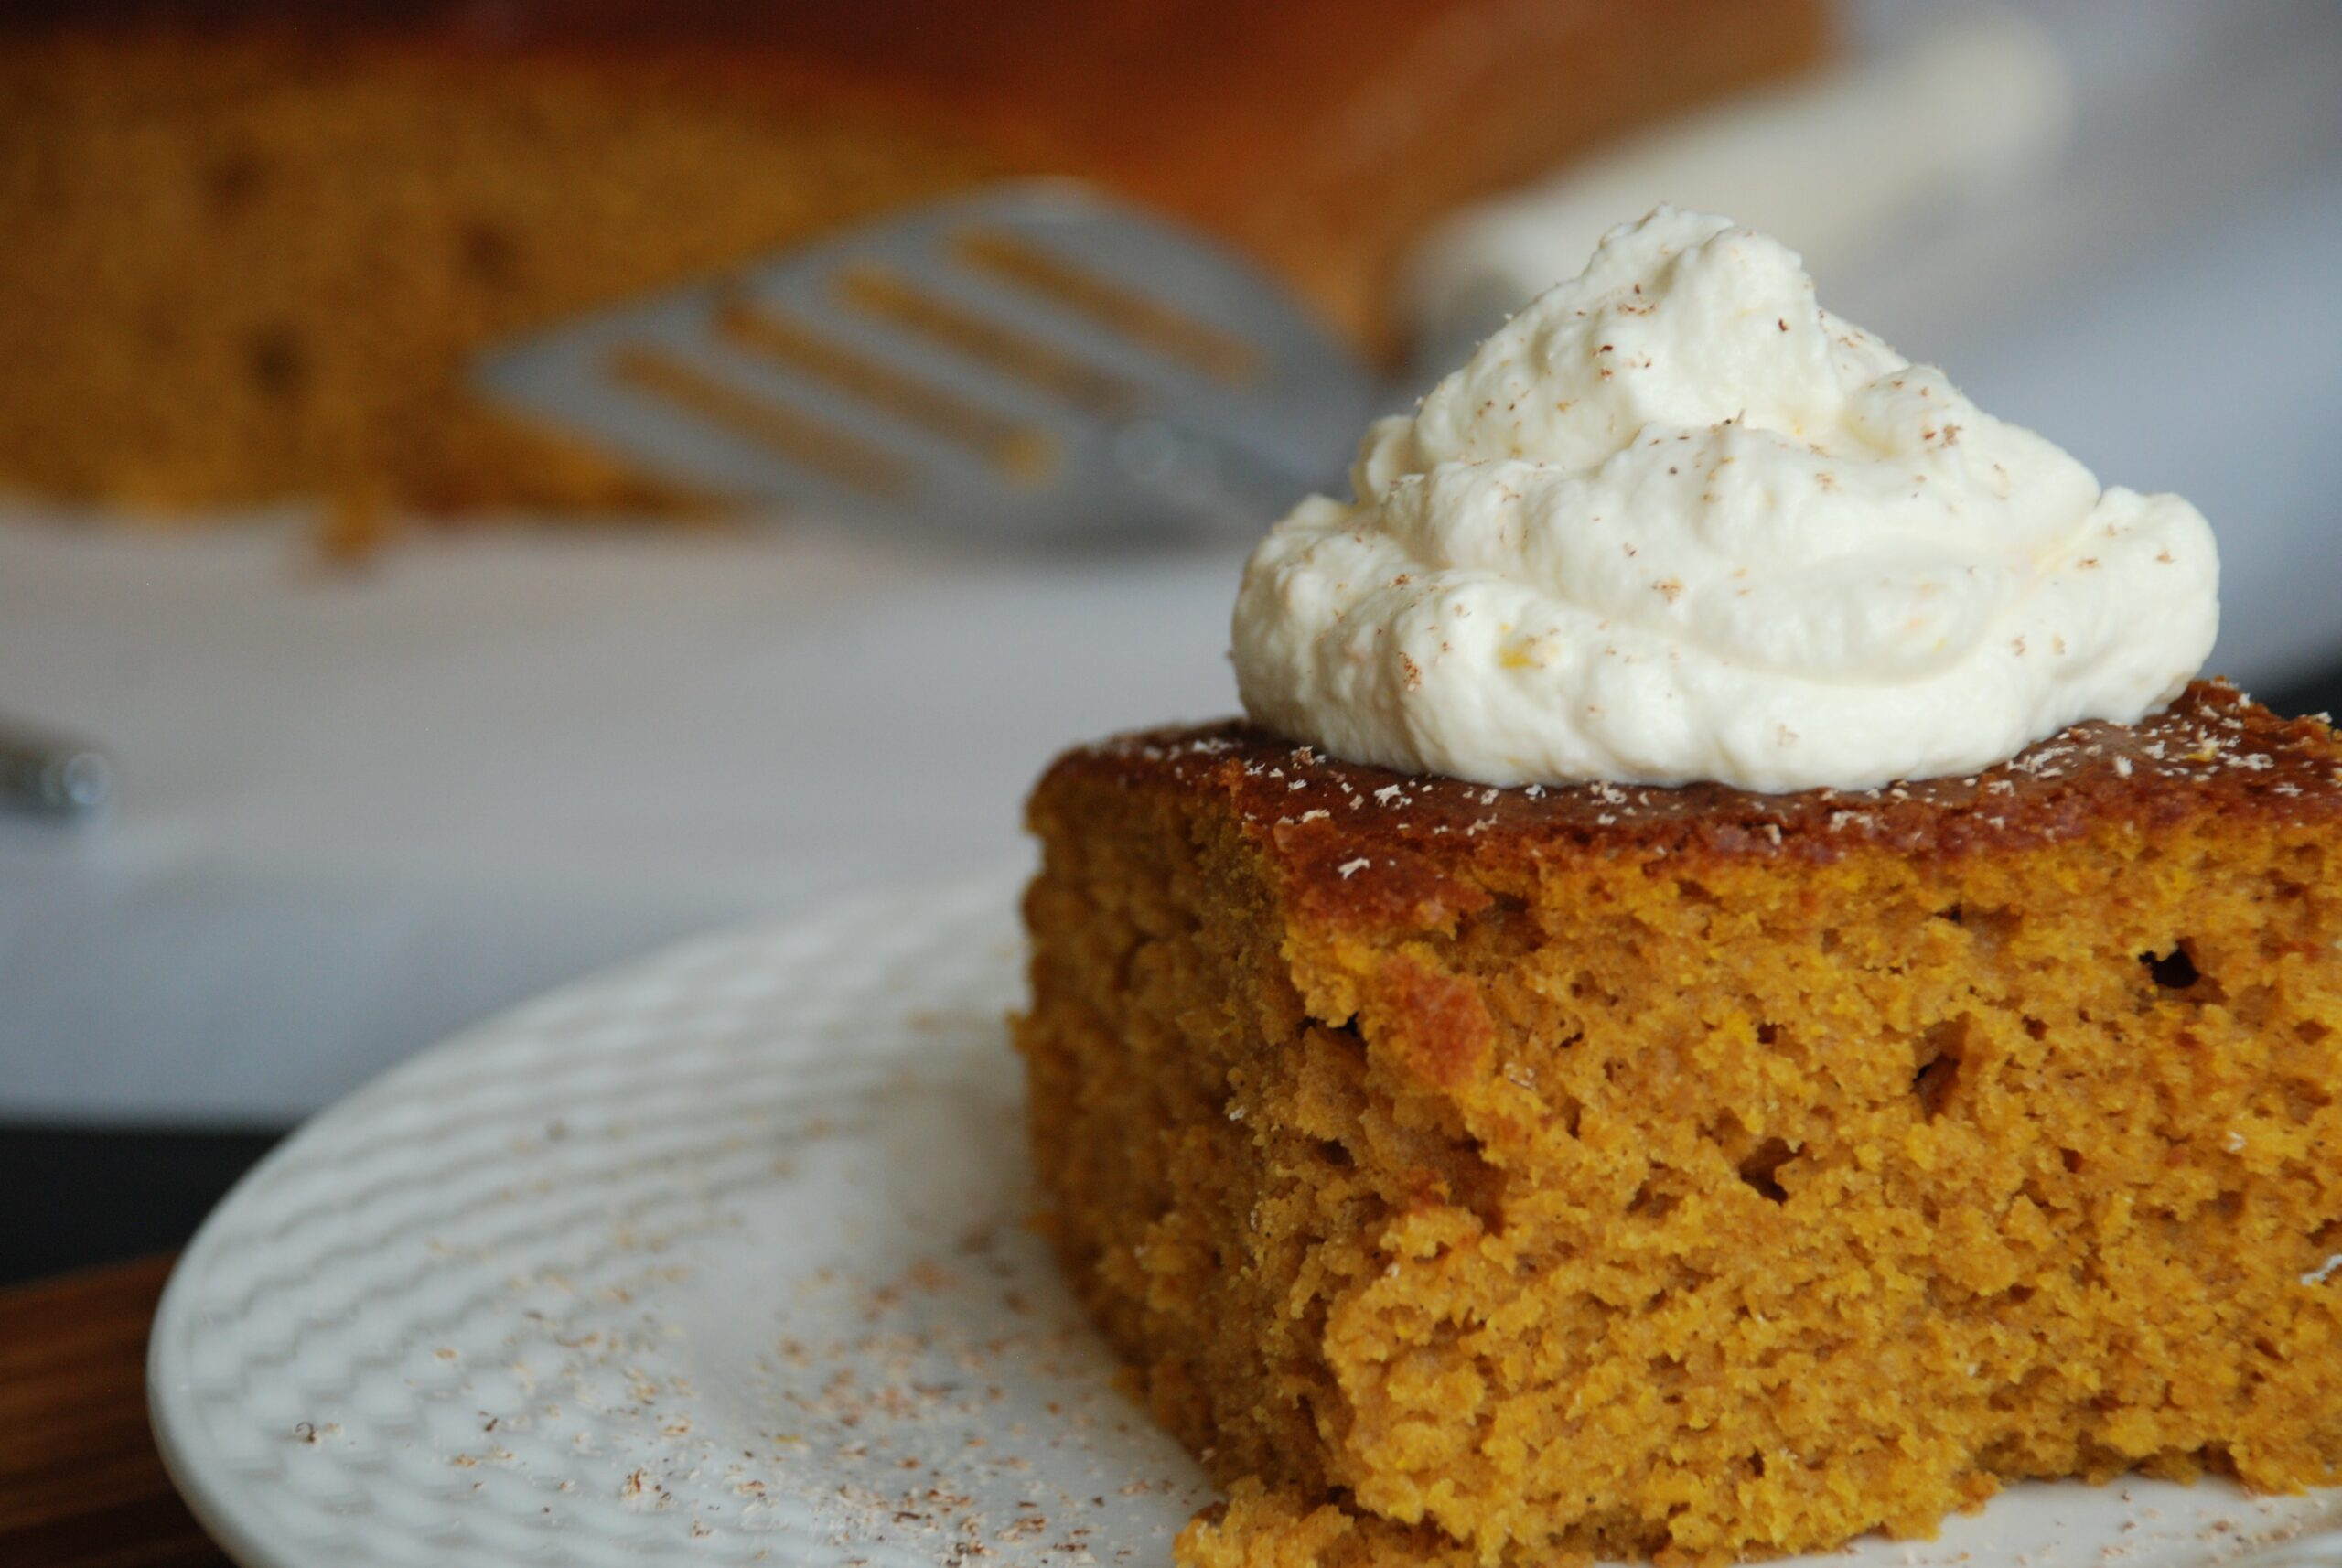 Pumpkin Cake (Torta di Zucca) with Orange-Mascarpone Topping